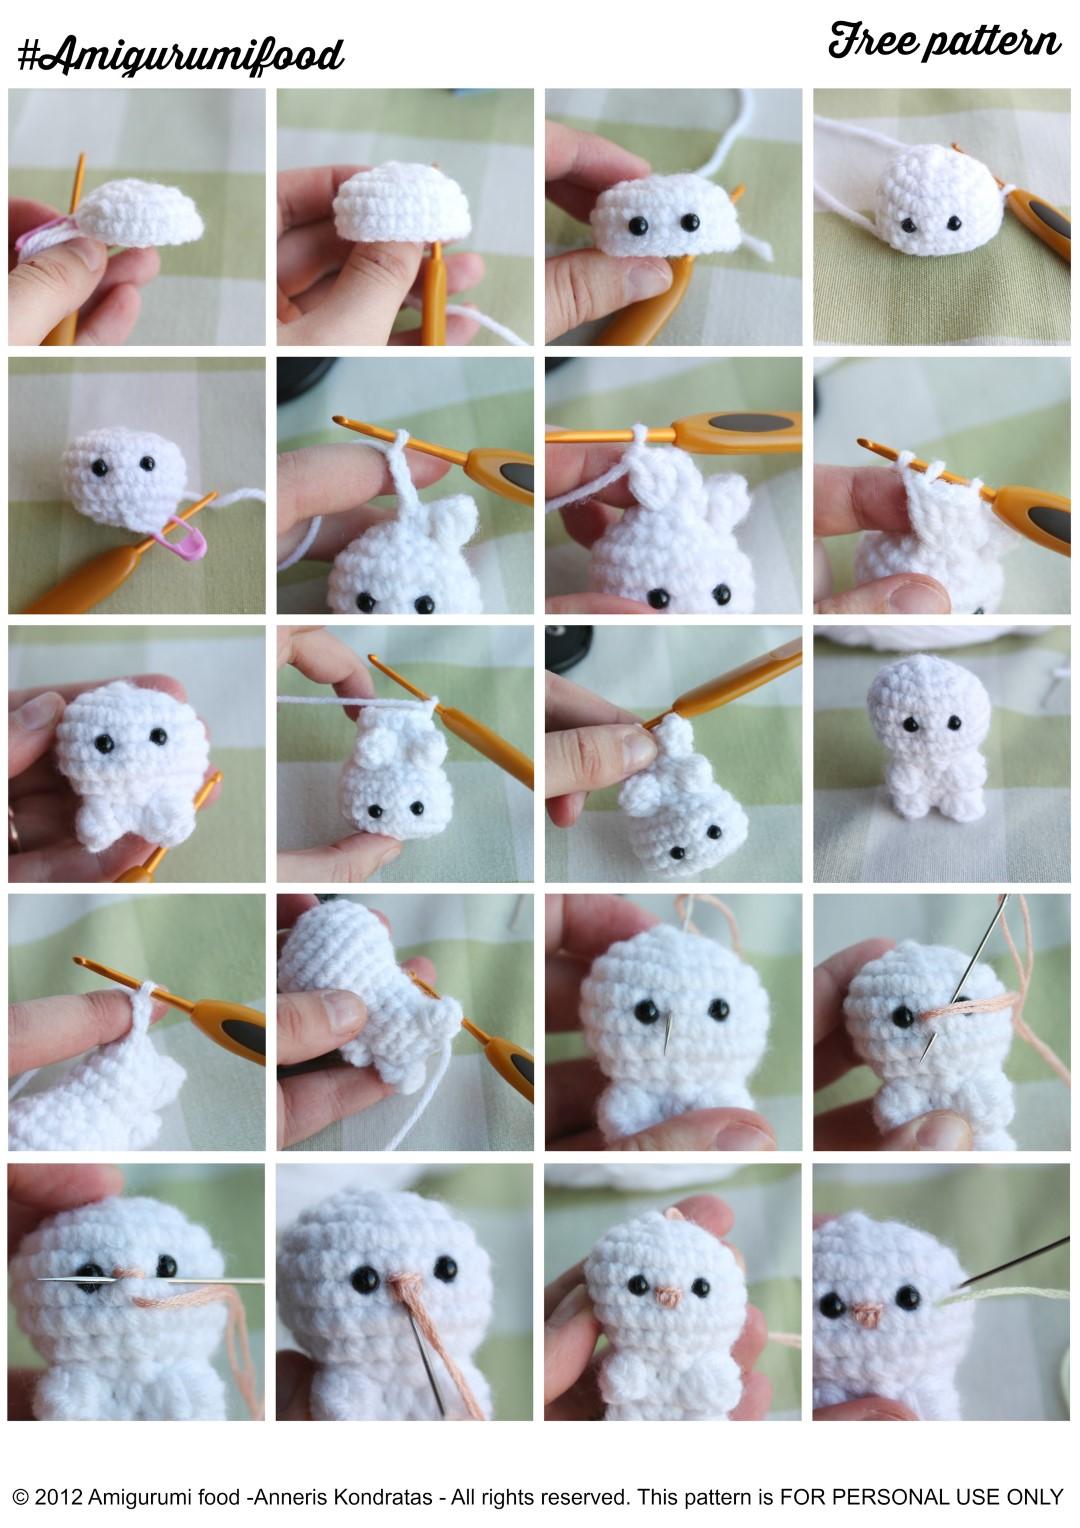 Amigurumi Food Little Easter Bunny Free Pattern Amigurumifood